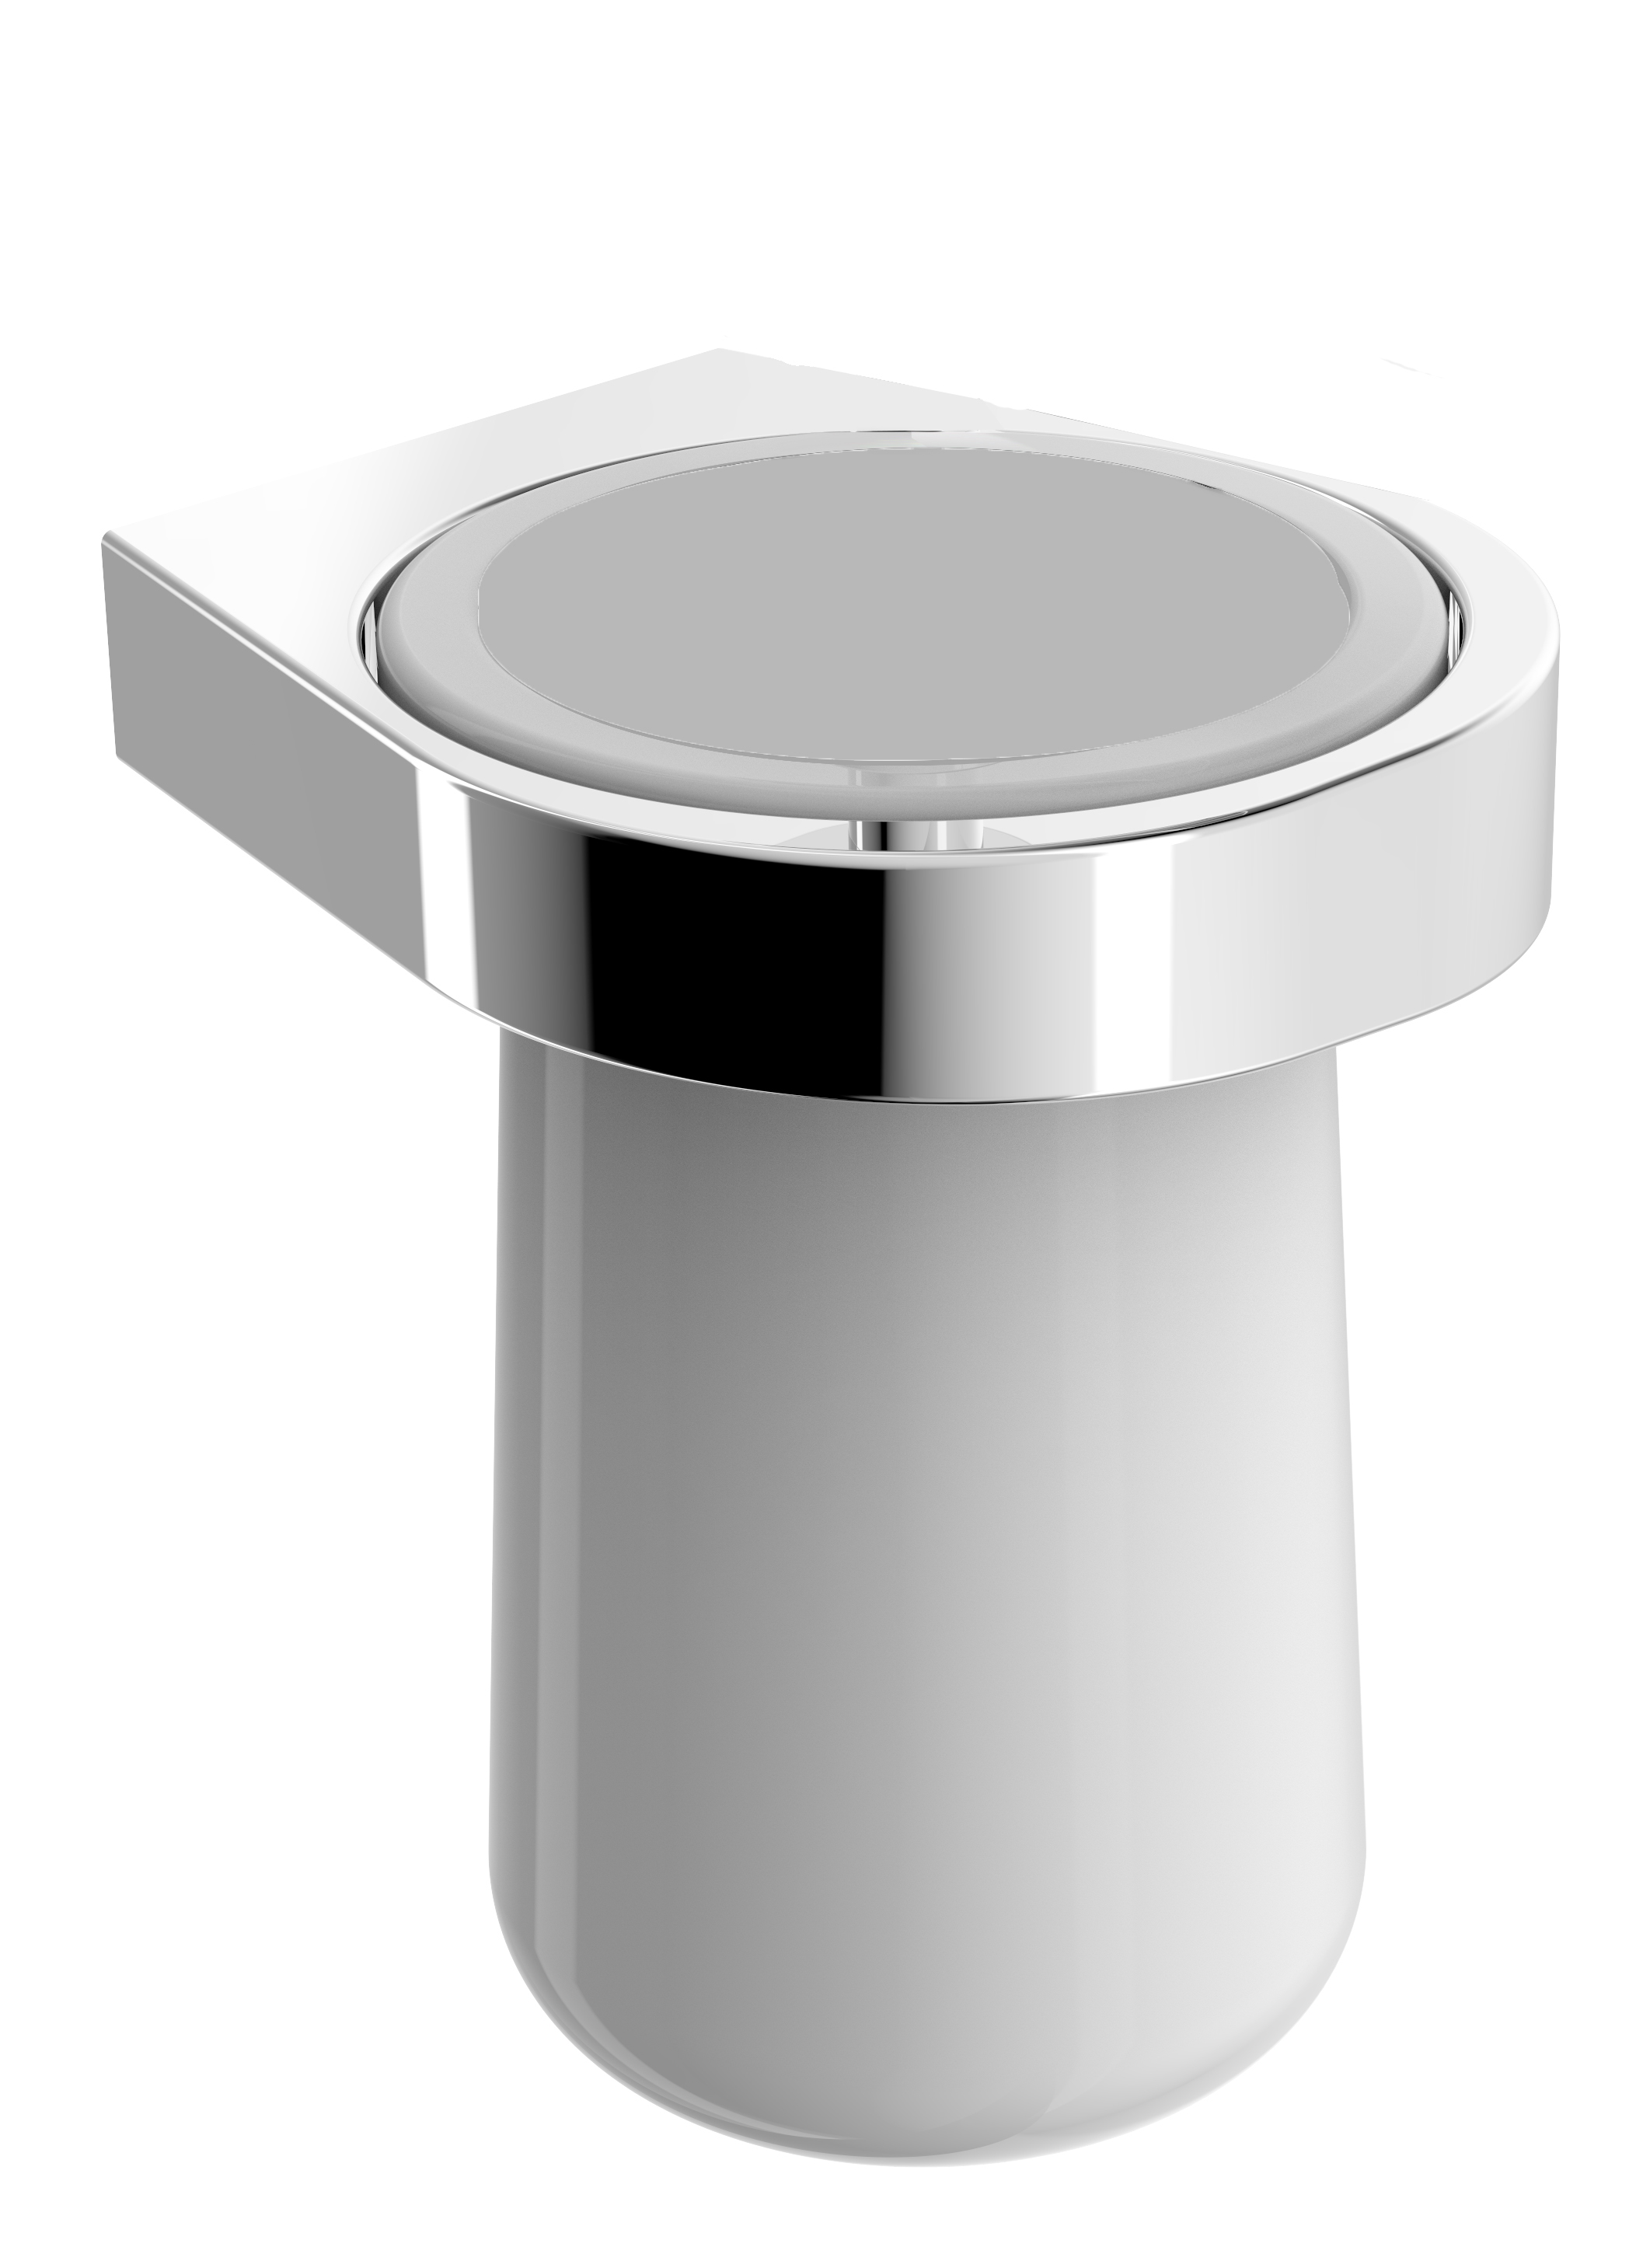 Hochwertiger Zahnbürstenhalter mit Wandhalter SDEZPB aus Keramik – Serie ES - chrom